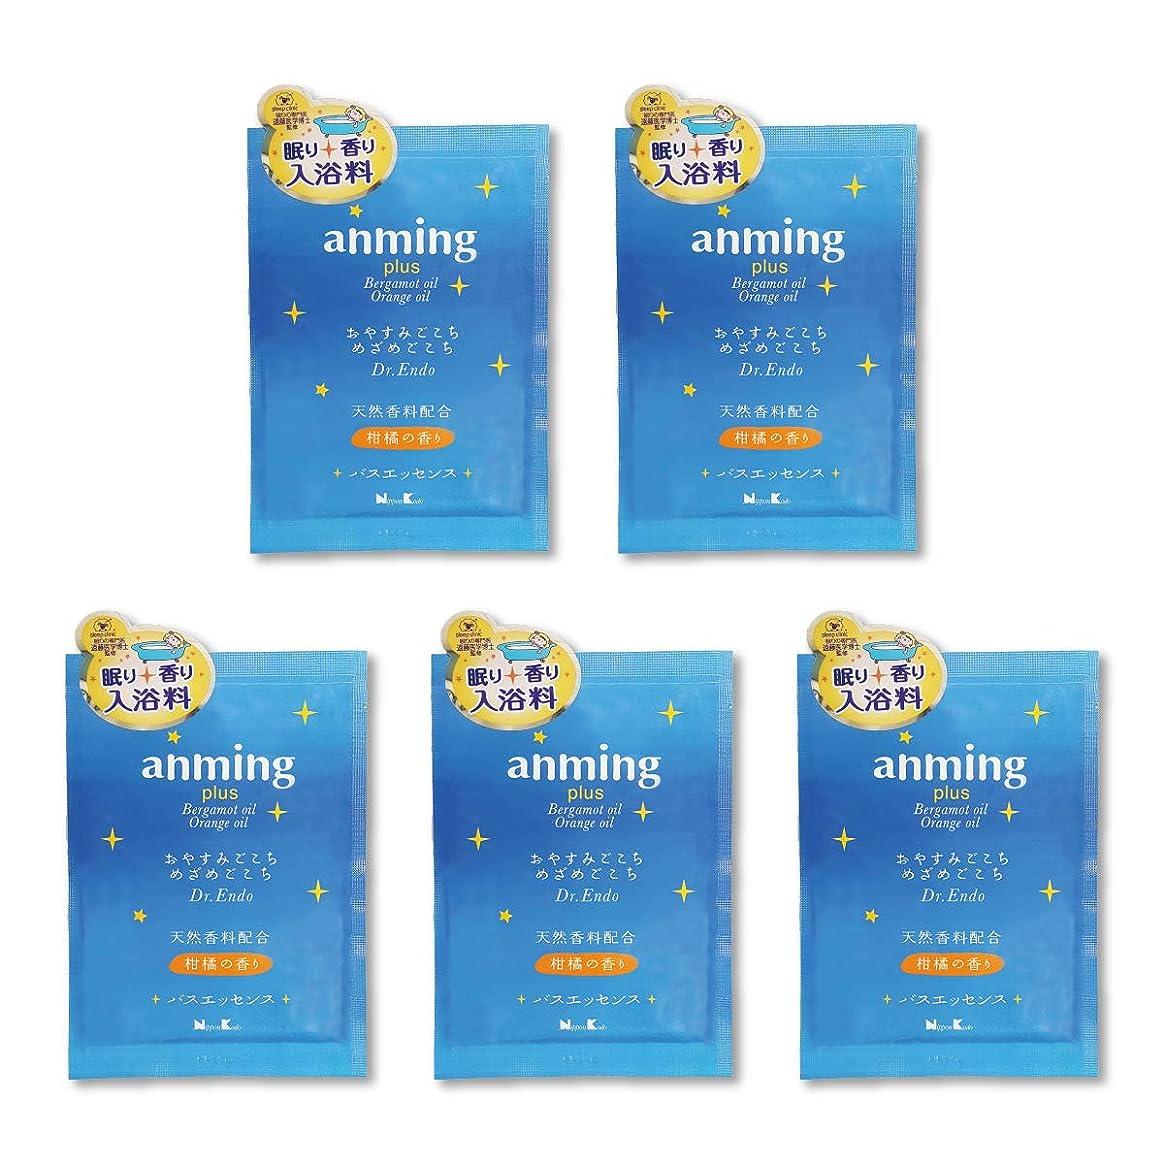 熱血色の良い結婚アンミング プラス 入浴剤 バスエッセンス (ミニタイプ5袋)